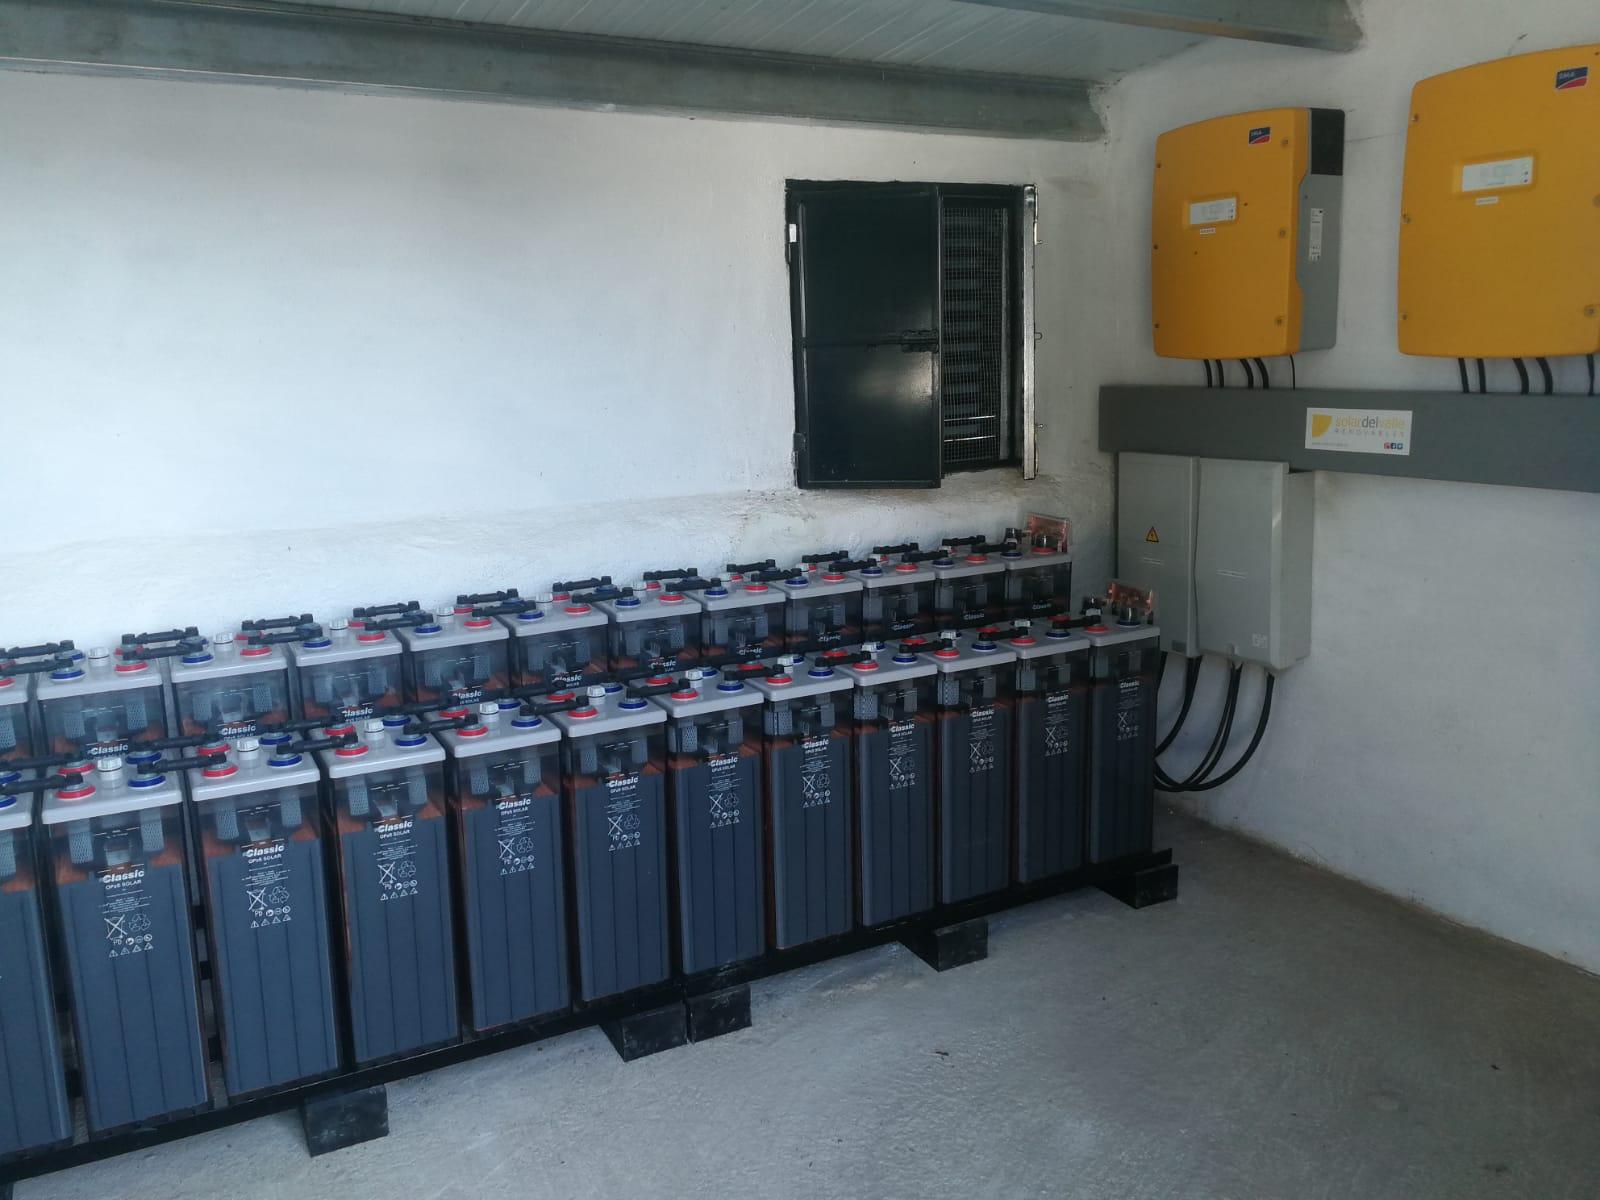 Instalación Fotovoltaica de 10,23kWp con baterías en Villanueva de Córdoba, Córdoba